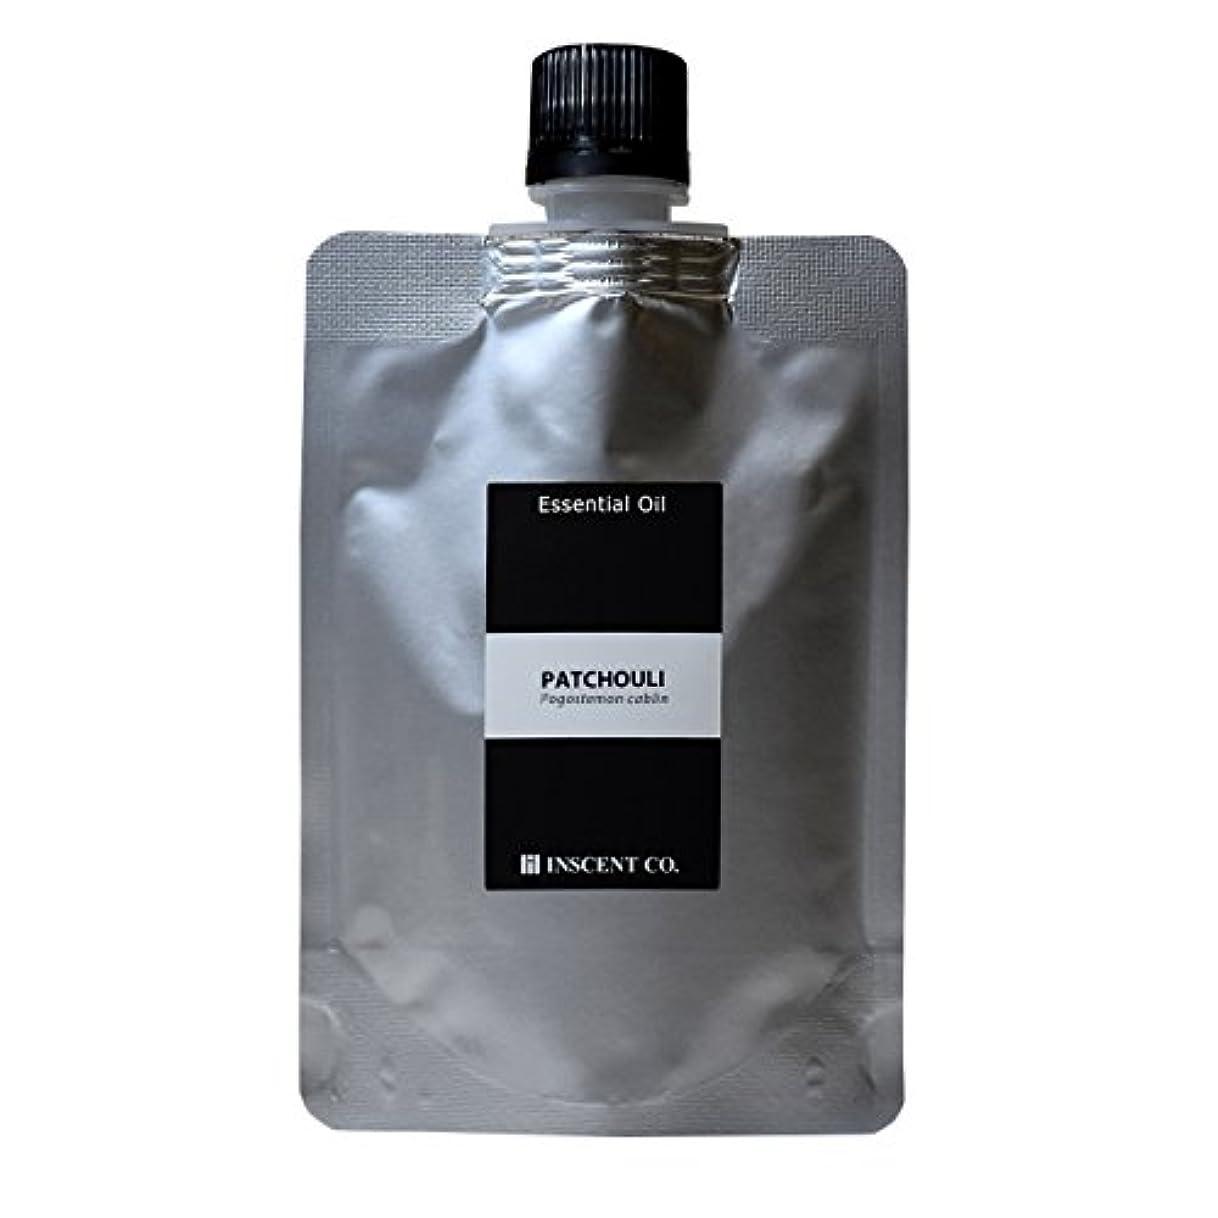 アイデア顔料バリア(詰替用 アルミパック) パチュリ (パチョリ) 100ml インセント アロマオイル AEAJ 表示基準適合認定精油